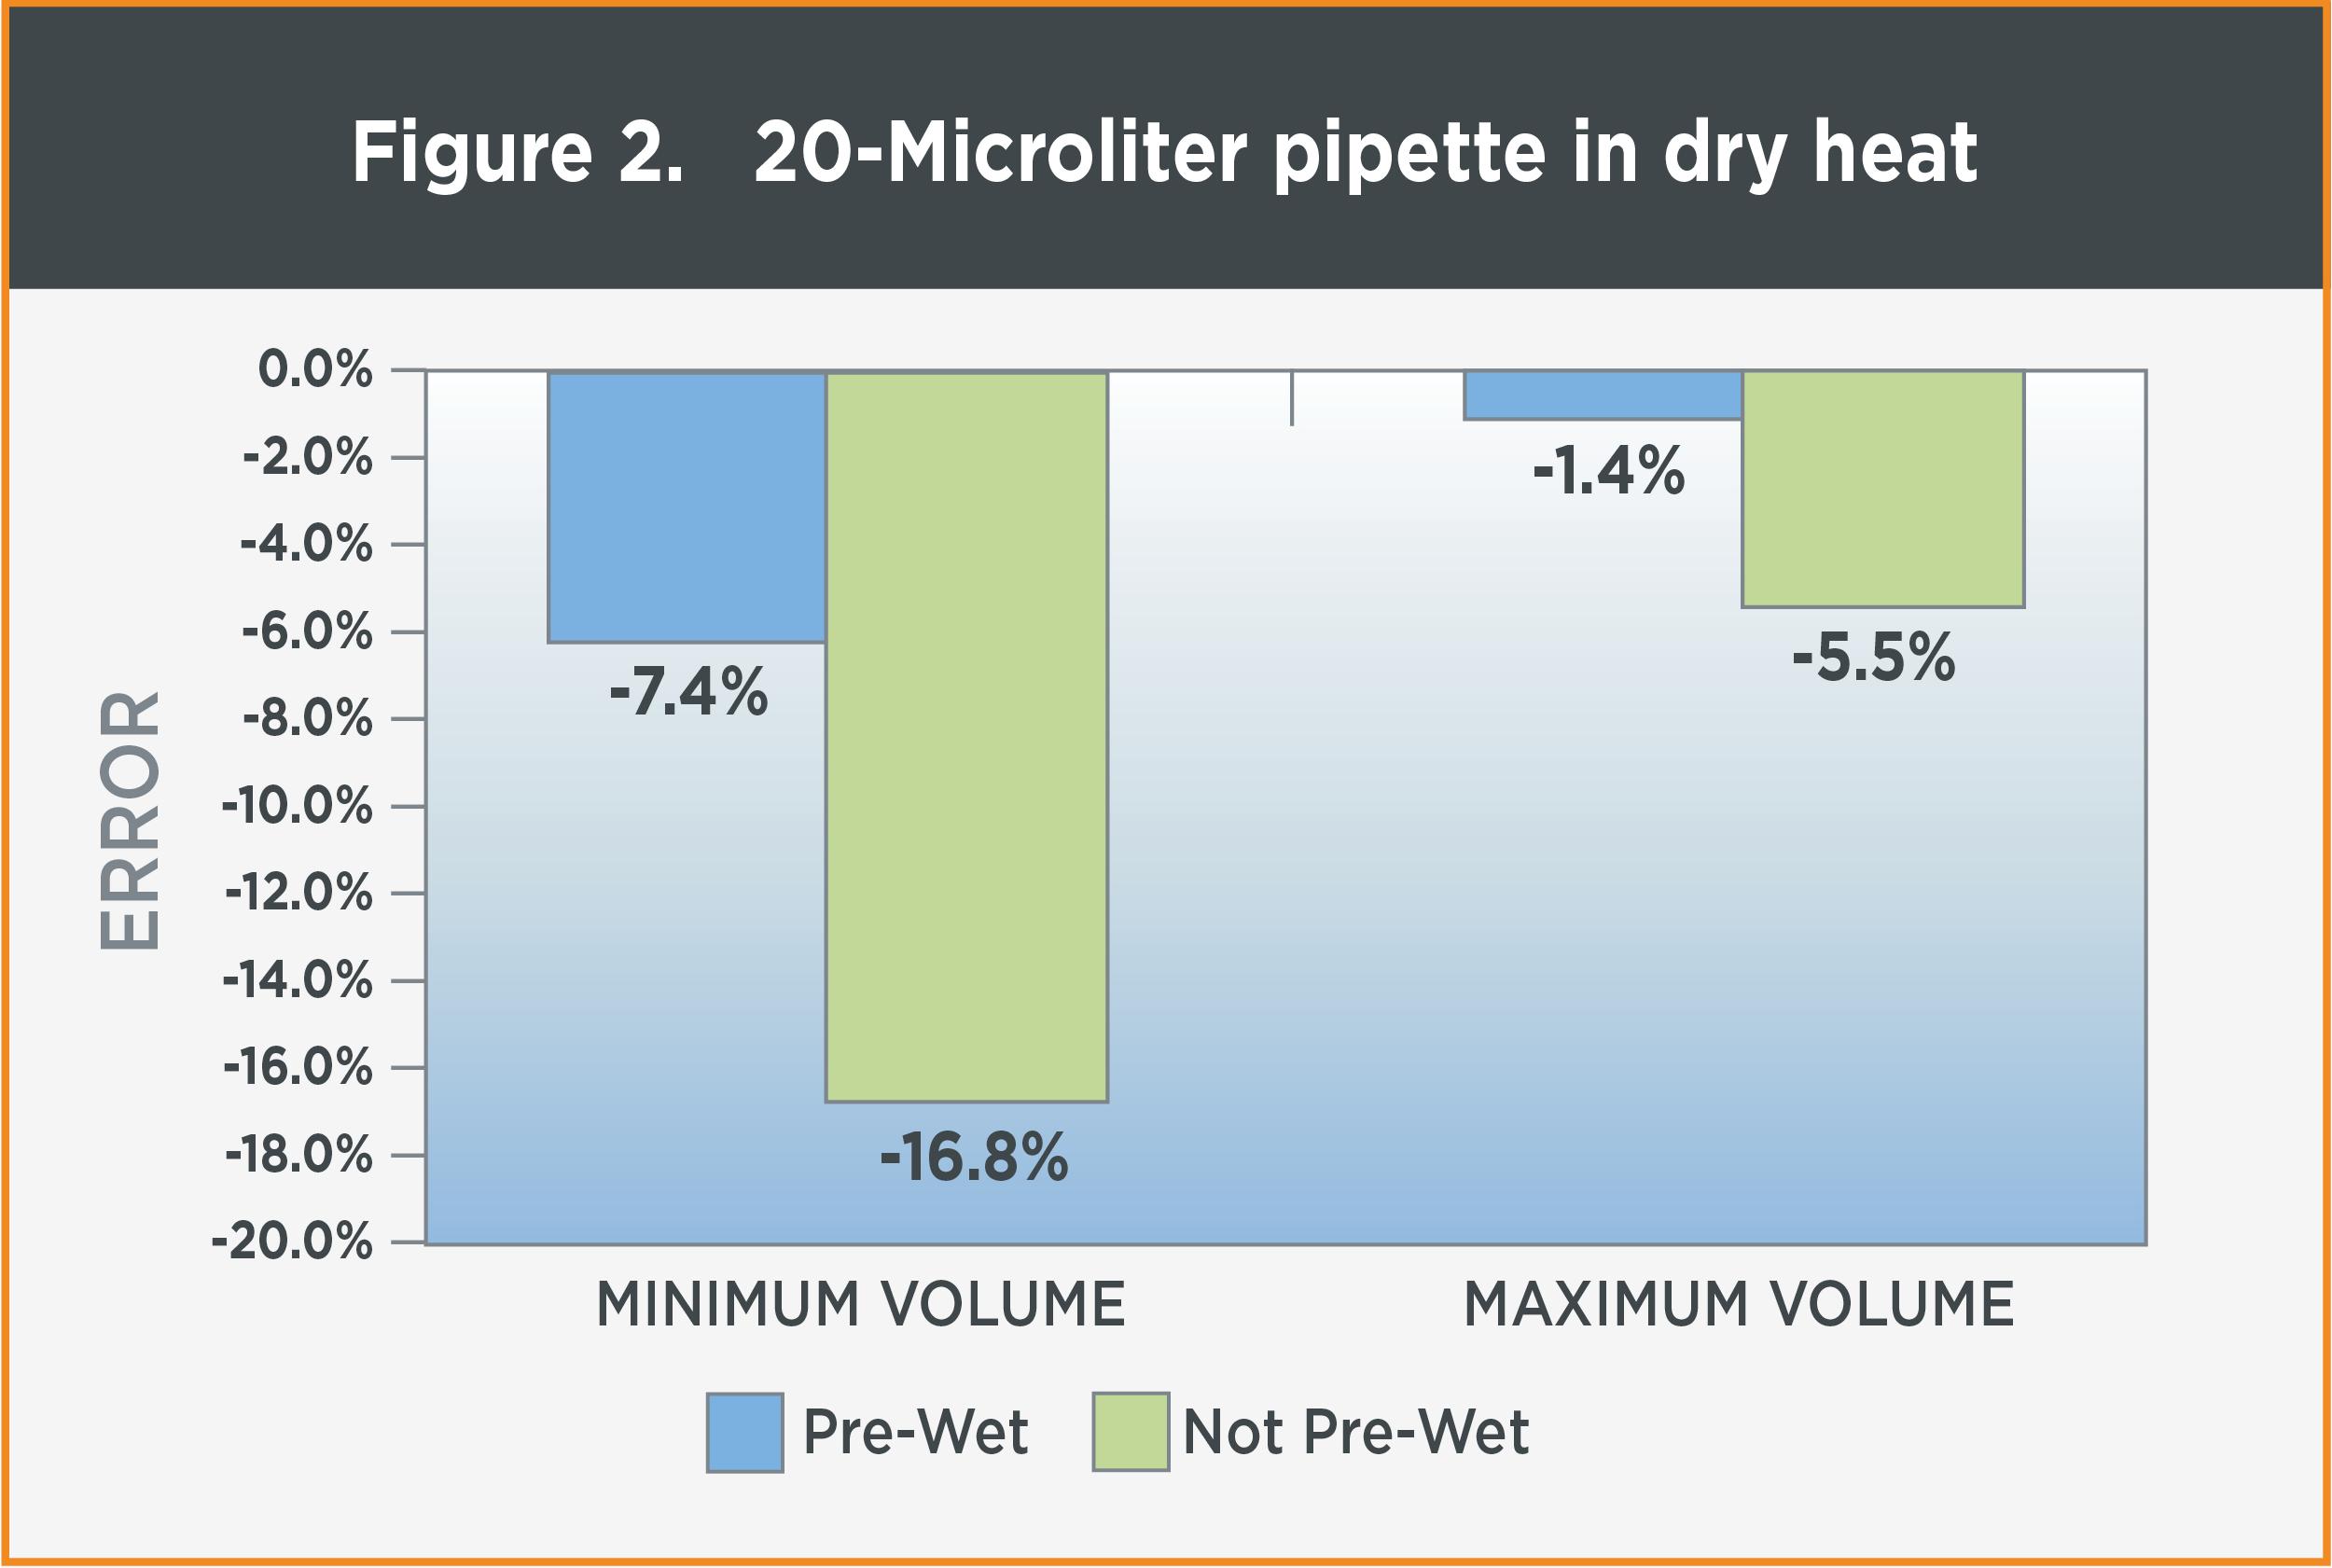 figure-2-pipette-in-dry-heat